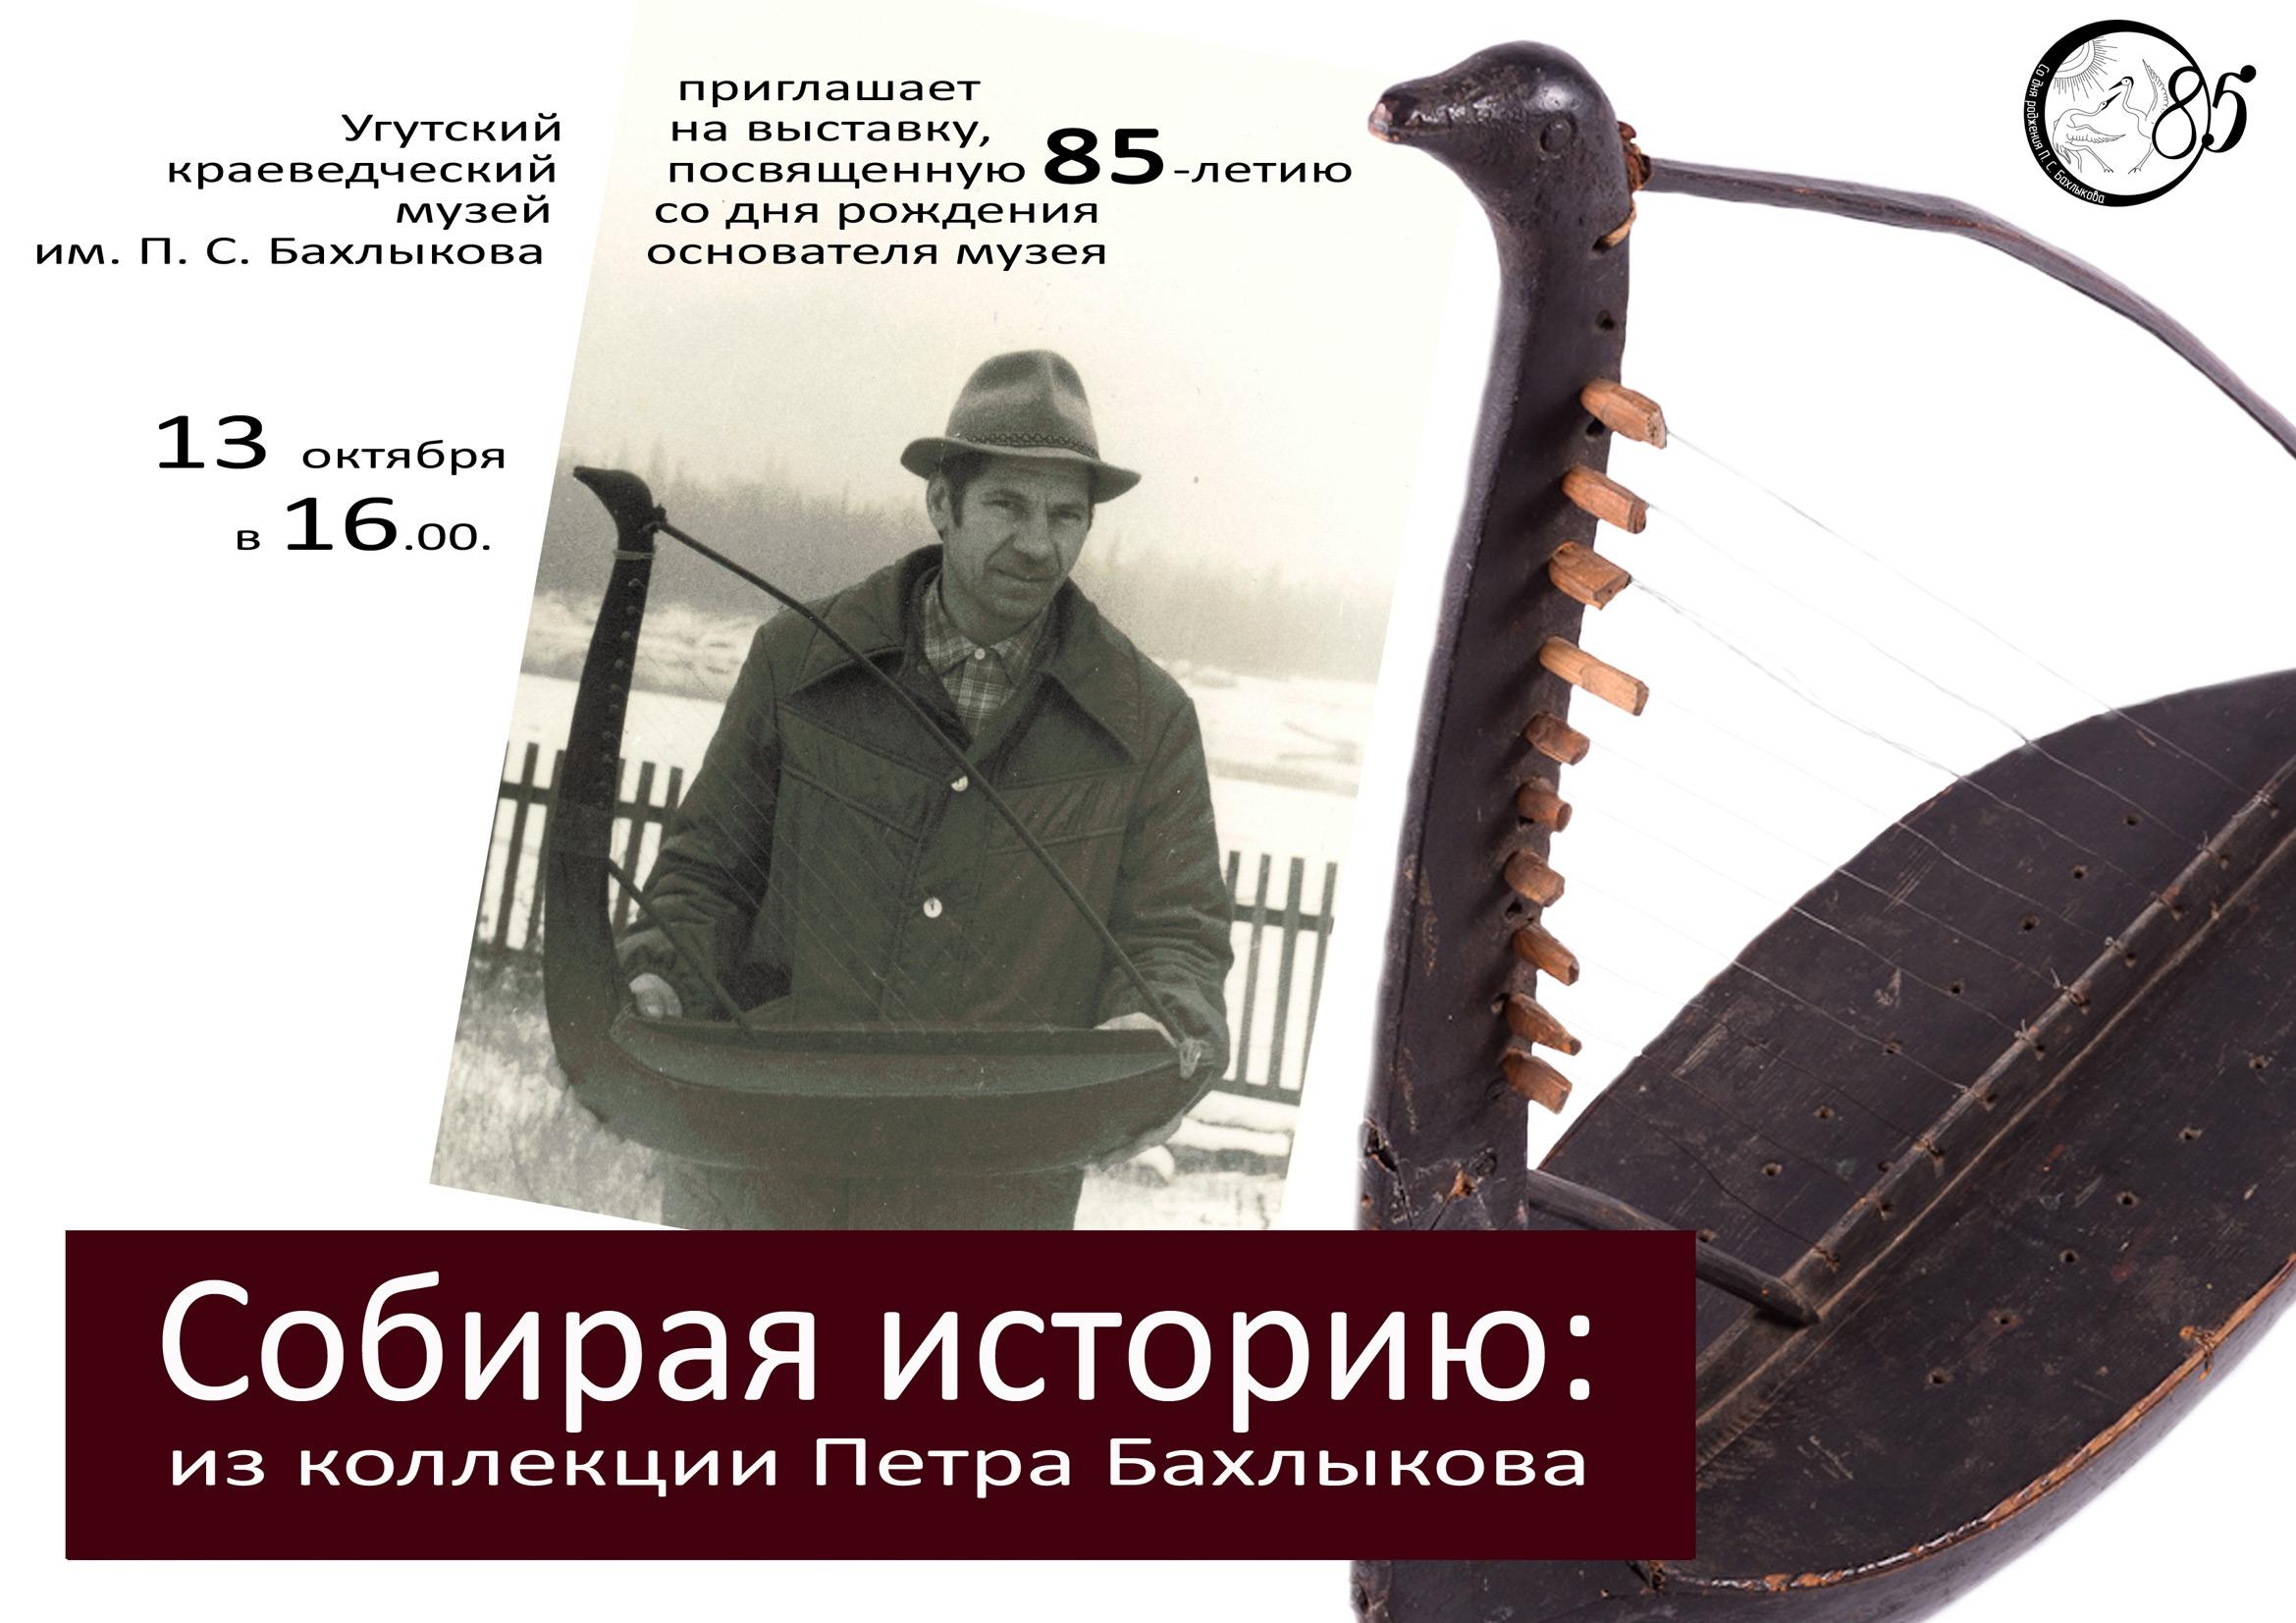 Выставка «Собирая историю: из коллекции Петра Бахлыкова»